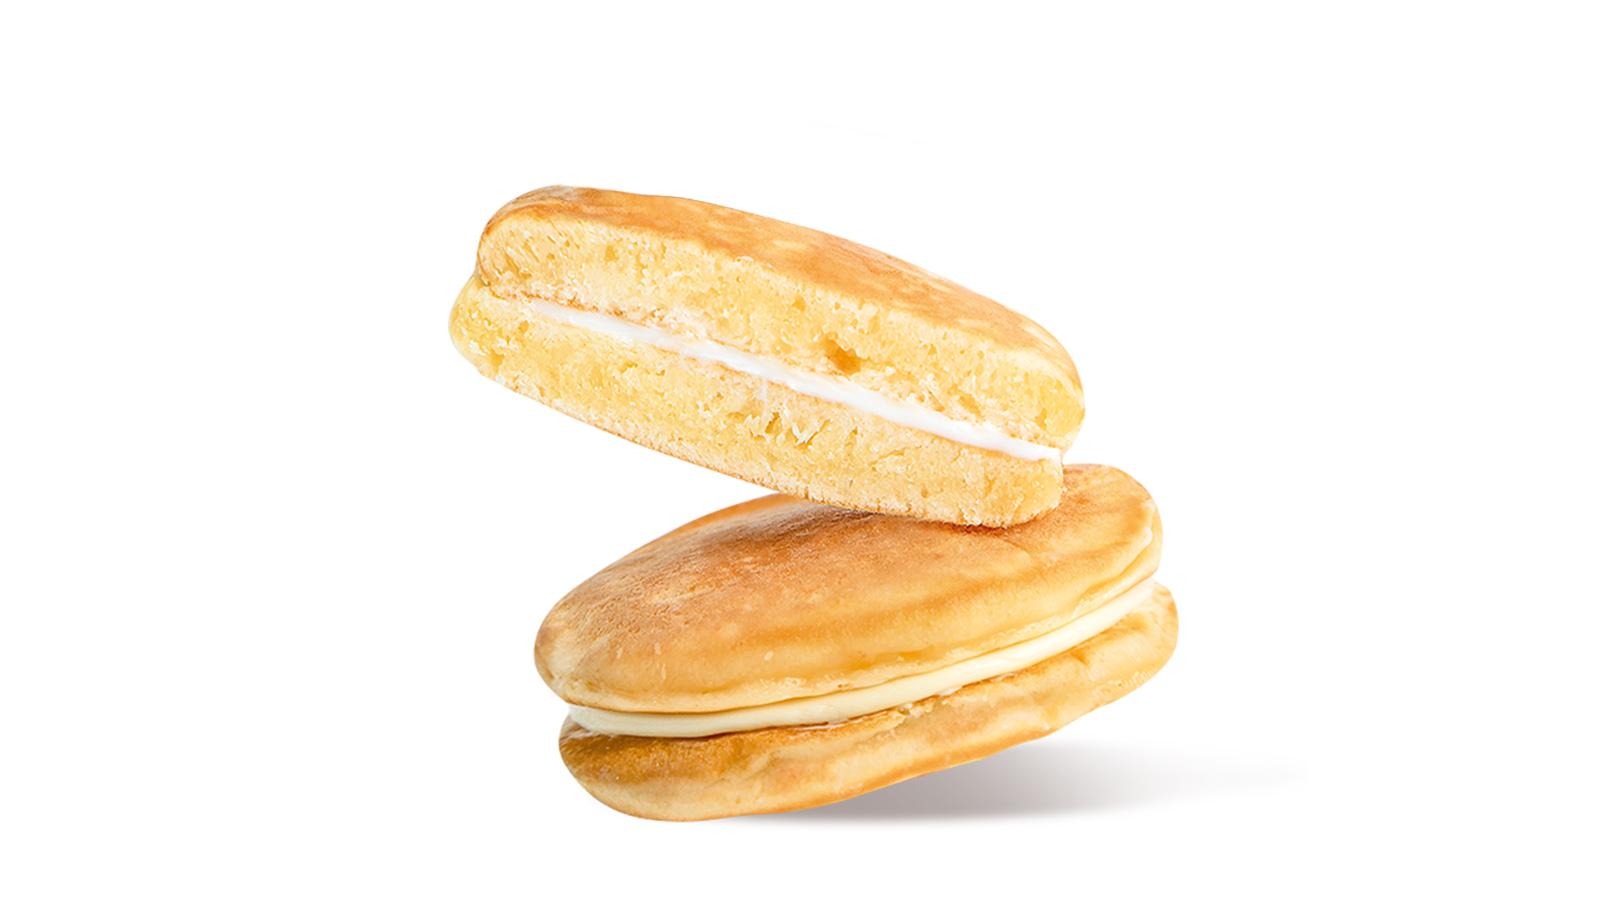 Панкейки-сендвичи с пломбирной начинкой